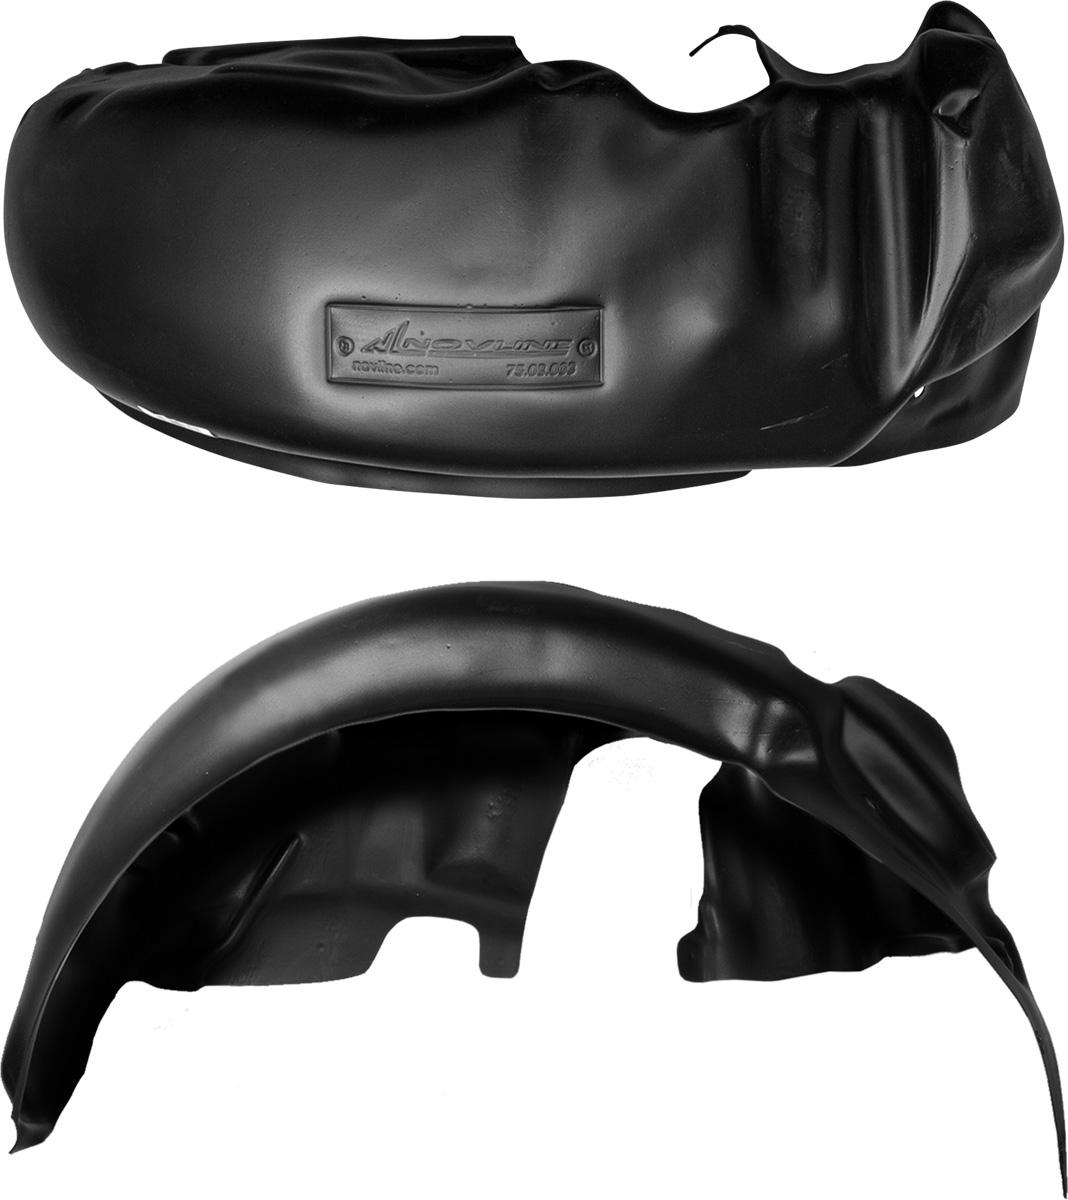 Подкрылок NISSAN X-Trail, 2007-2011, задний левыйNLL.36.20.003Колесные ниши – одни из самых уязвимых зон днища вашего автомобиля. Они постоянно подвергаются воздействию со стороны дороги. Лучшая, почти абсолютная защита для них - специально отформованные пластиковые кожухи, которые называются подкрылками, или локерами. Производятся они как для отечественных моделей автомобилей, так и для иномарок. Подкрылки выполнены из высококачественного, экологически чистого пластика. Обеспечивают надежную защиту кузова автомобиля от пескоструйного эффекта и негативного влияния, агрессивных антигололедных реагентов. Пластик обладает более низкой теплопроводностью, чем металл, поэтому в зимний период эксплуатации использование пластиковых подкрылков позволяет лучше защитить колесные ниши от налипания снега и образования наледи. Оригинальность конструкции подчеркивает элегантность автомобиля, бережно защищает нанесенное на днище кузова антикоррозийное покрытие и позволяет осуществить крепление подкрылков внутри колесной арки практически без дополнительного...